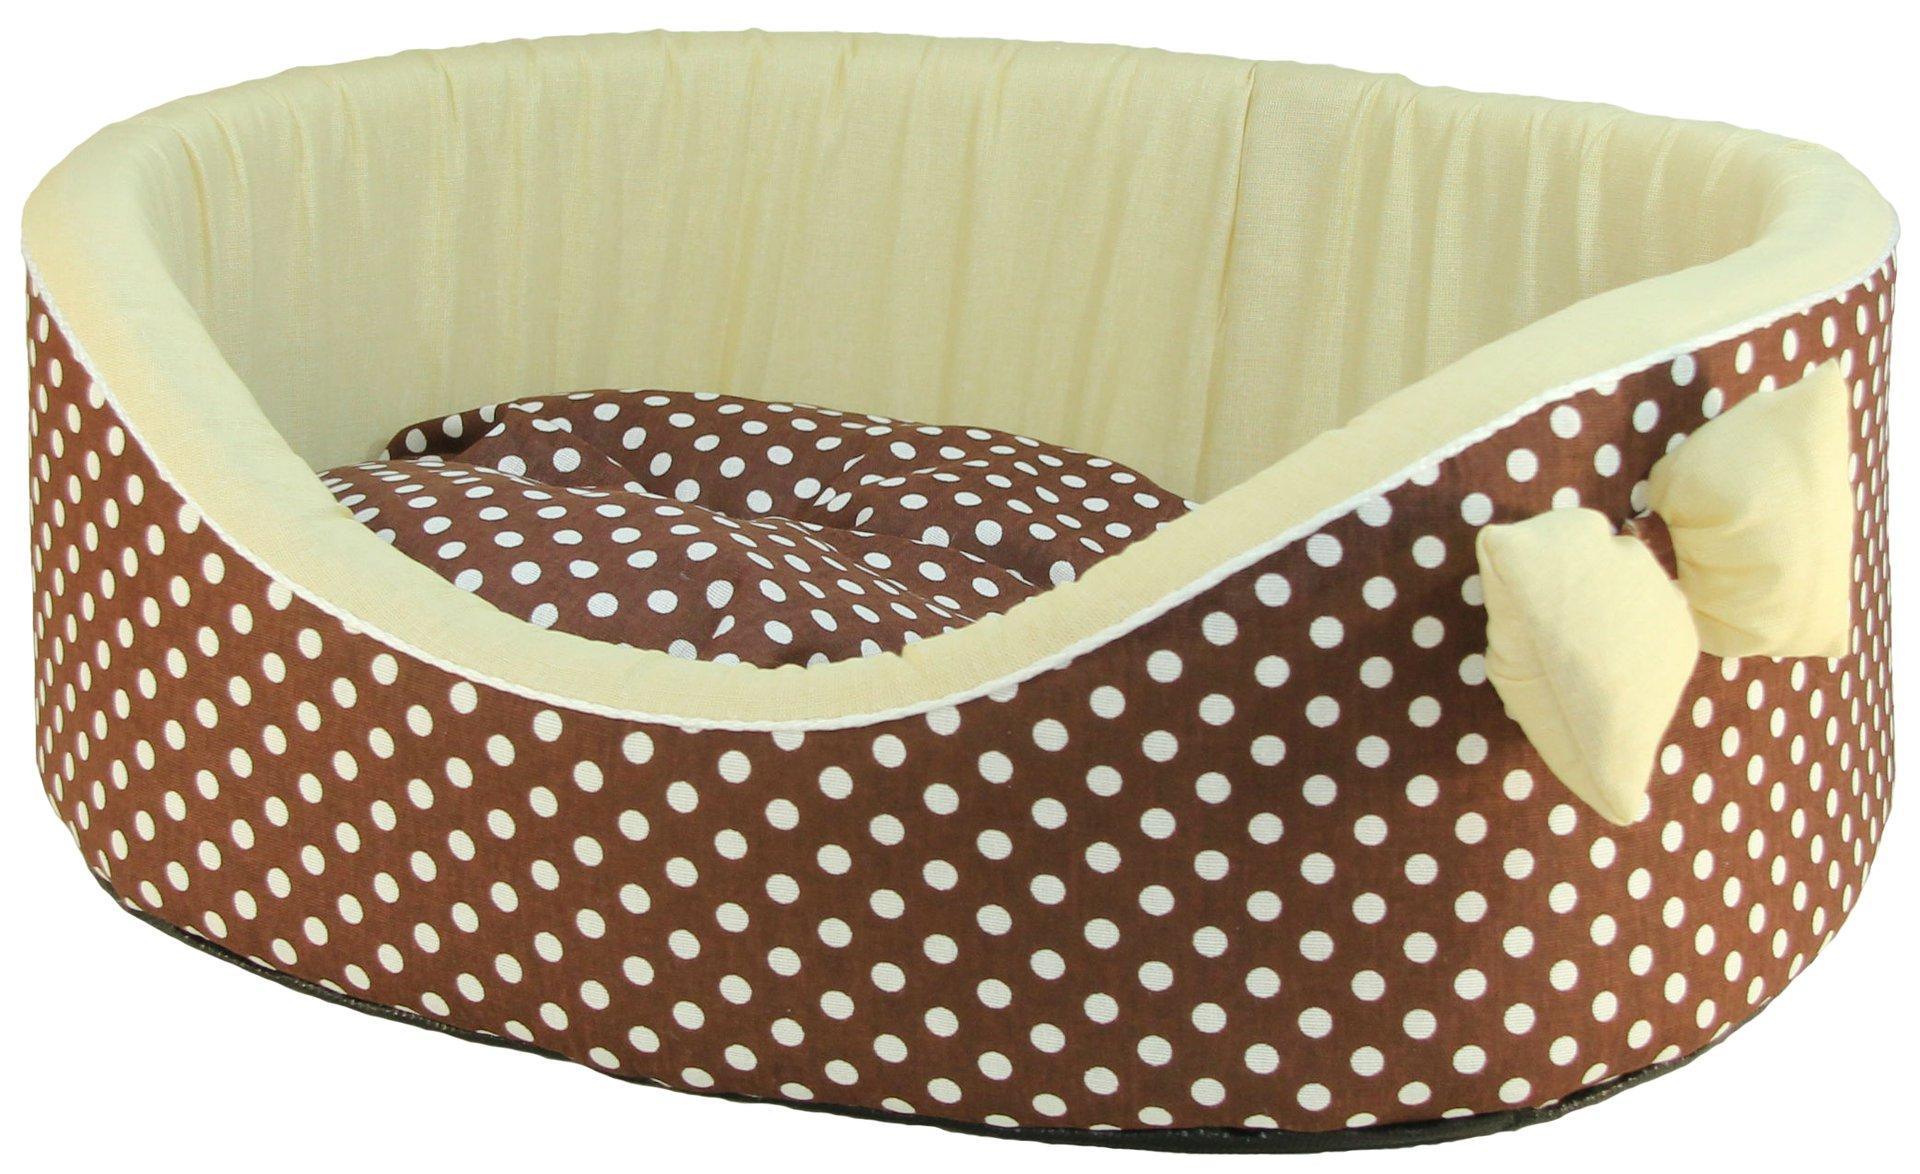 Лежак для собак и кошек Xody Премиум №3, хлопок, коричневый, 55х43х16 см